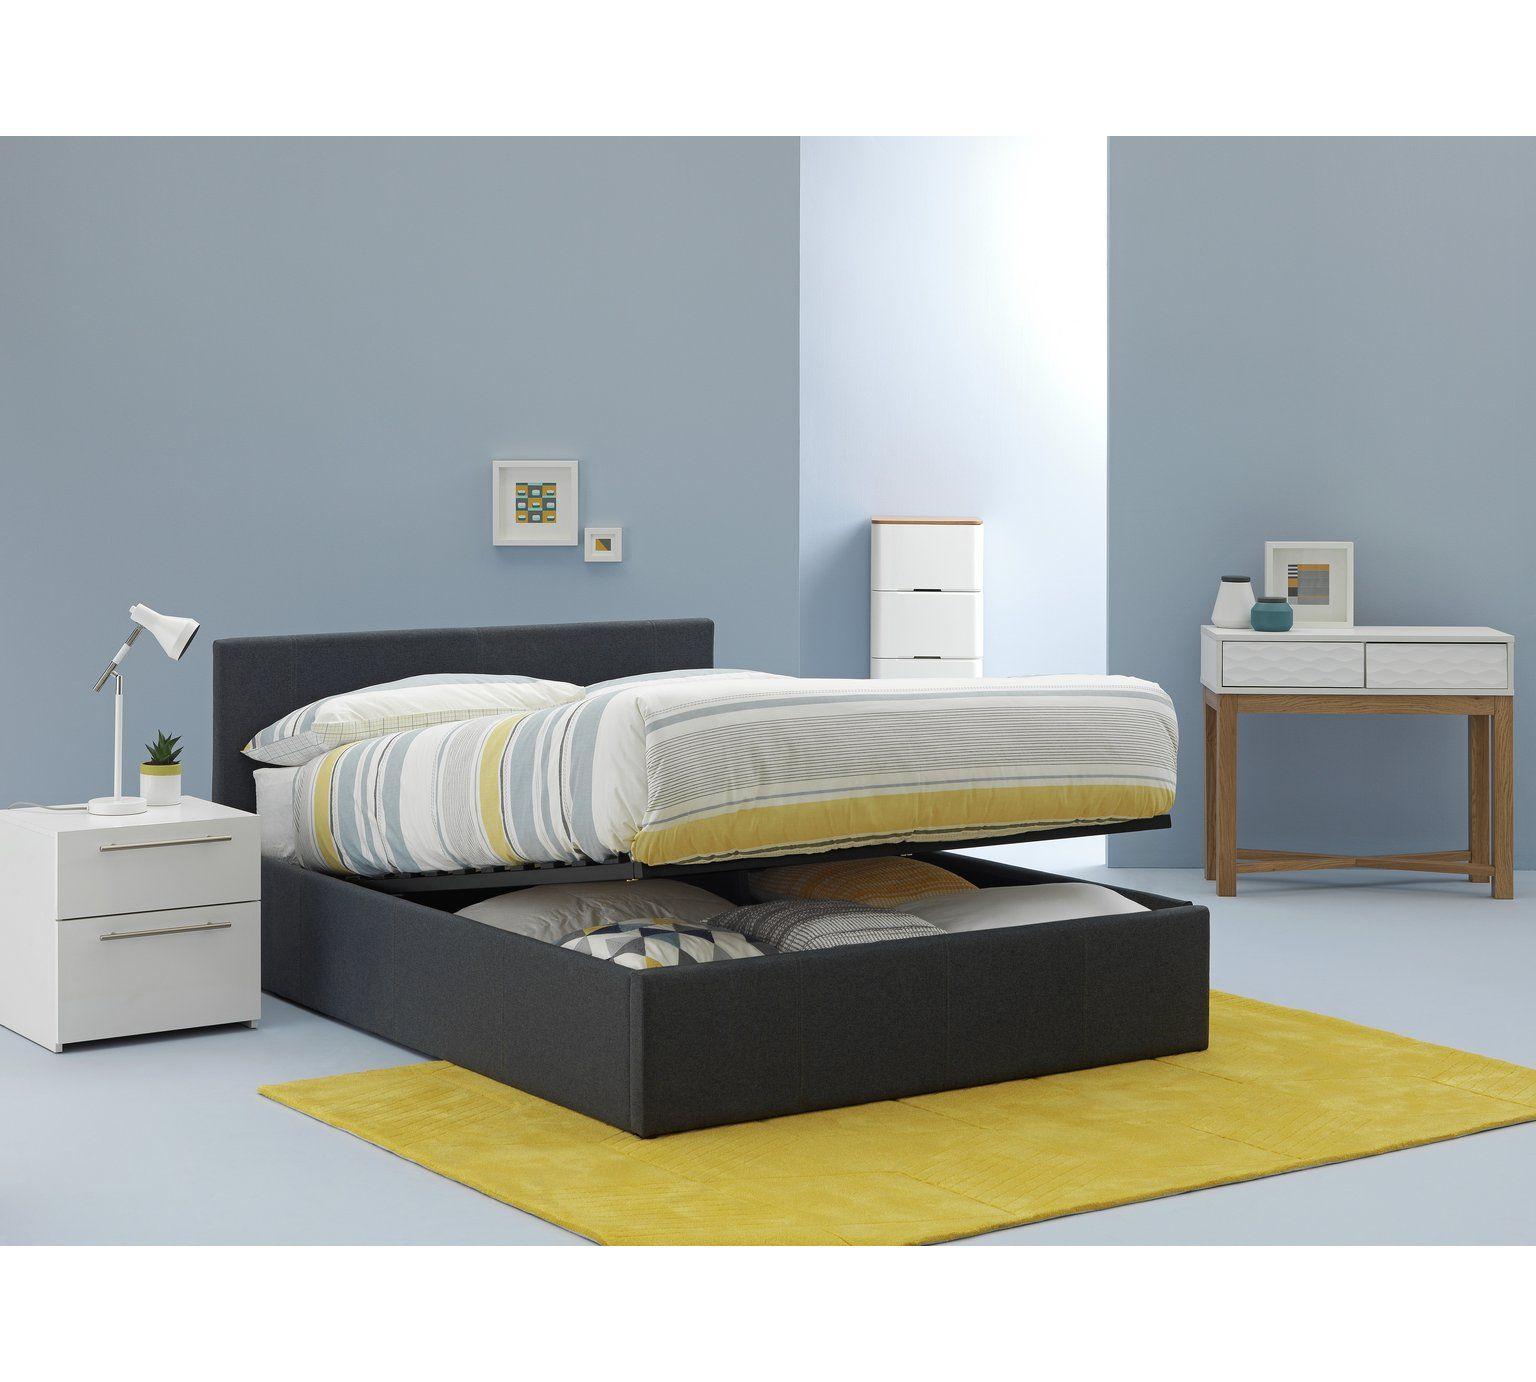 Hygena Bedroom Furniture Uk Psoriasisguru Com Iphone Wallpapers Free Beautiful  HD Wallpapers, Images Over 1000+ [getprihce.gq]